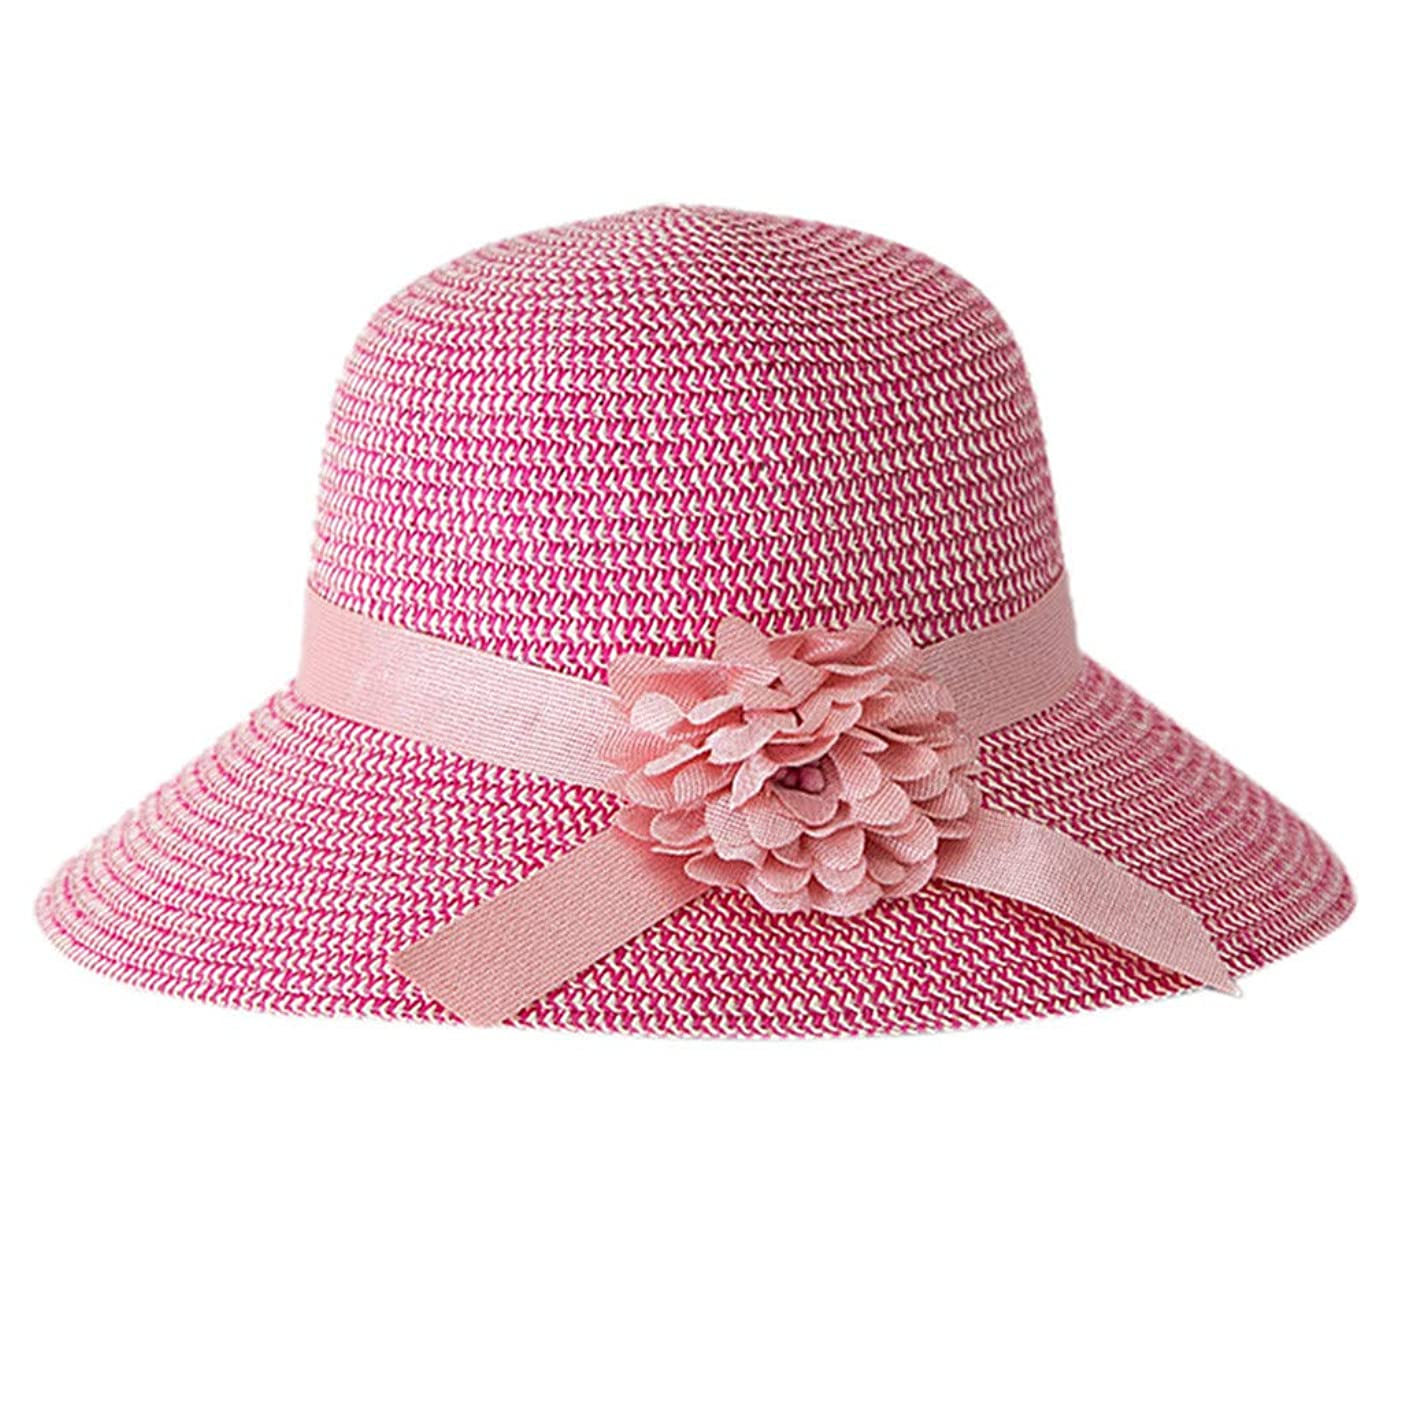 描く仲介者借りる日よけ帽子 レディース ハット 帽子 日よけ サンバイザー ウォーキング UVカット ハット 紫外線対策 可愛い 小顔効果抜群 大きいサイズ つば広 折りたたみ ハット レディース 夏 春 アウトドア 無地 花 ROSE ROMAN